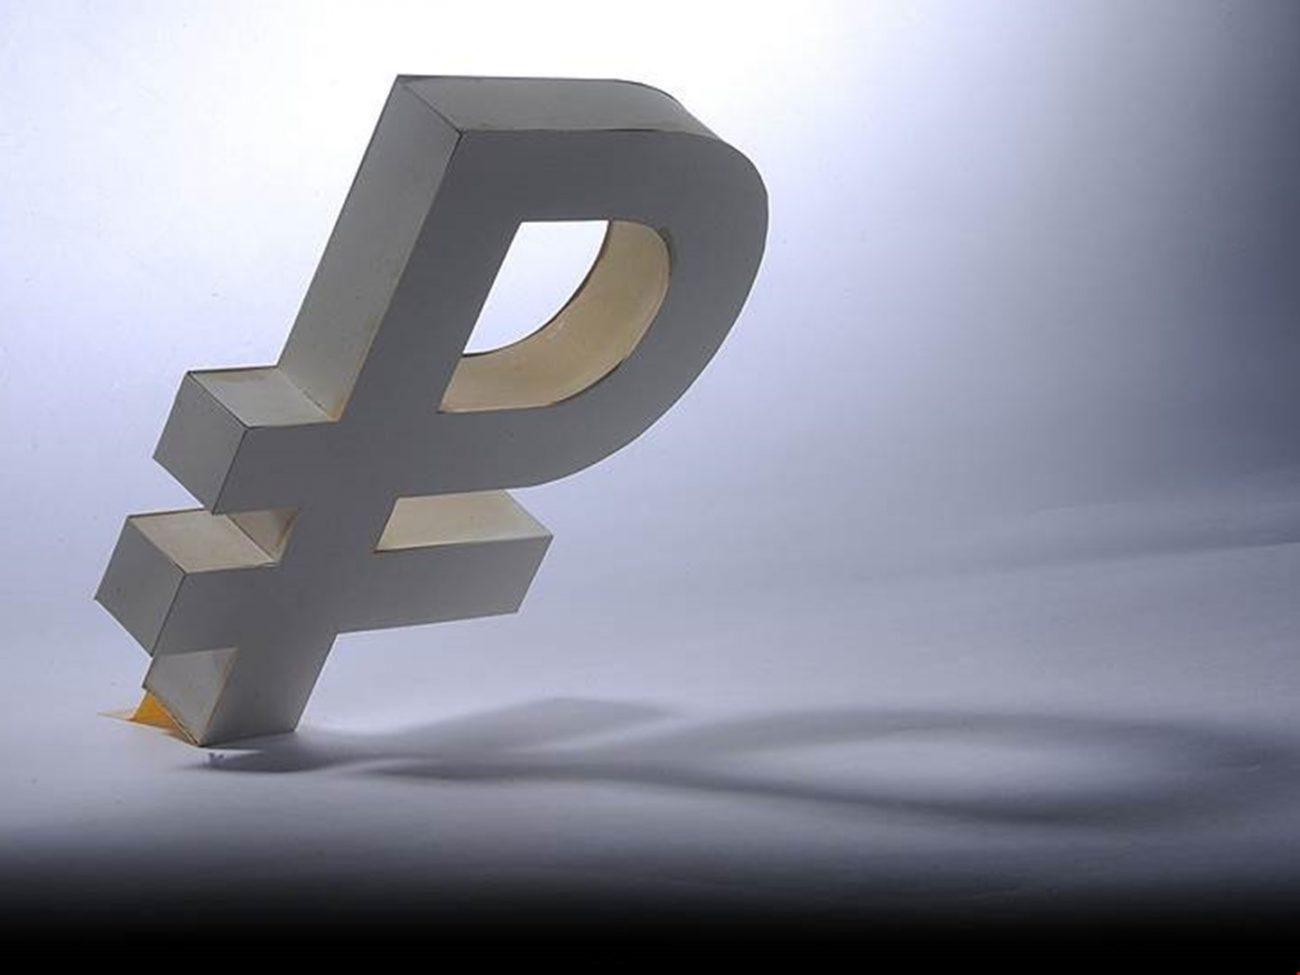 fbadb532 d9ce 46d2 93f1 87aa2cafdb0d - Рубль стремительно дешевеет, но ЦБ не видит рисков для финансовой стабильности